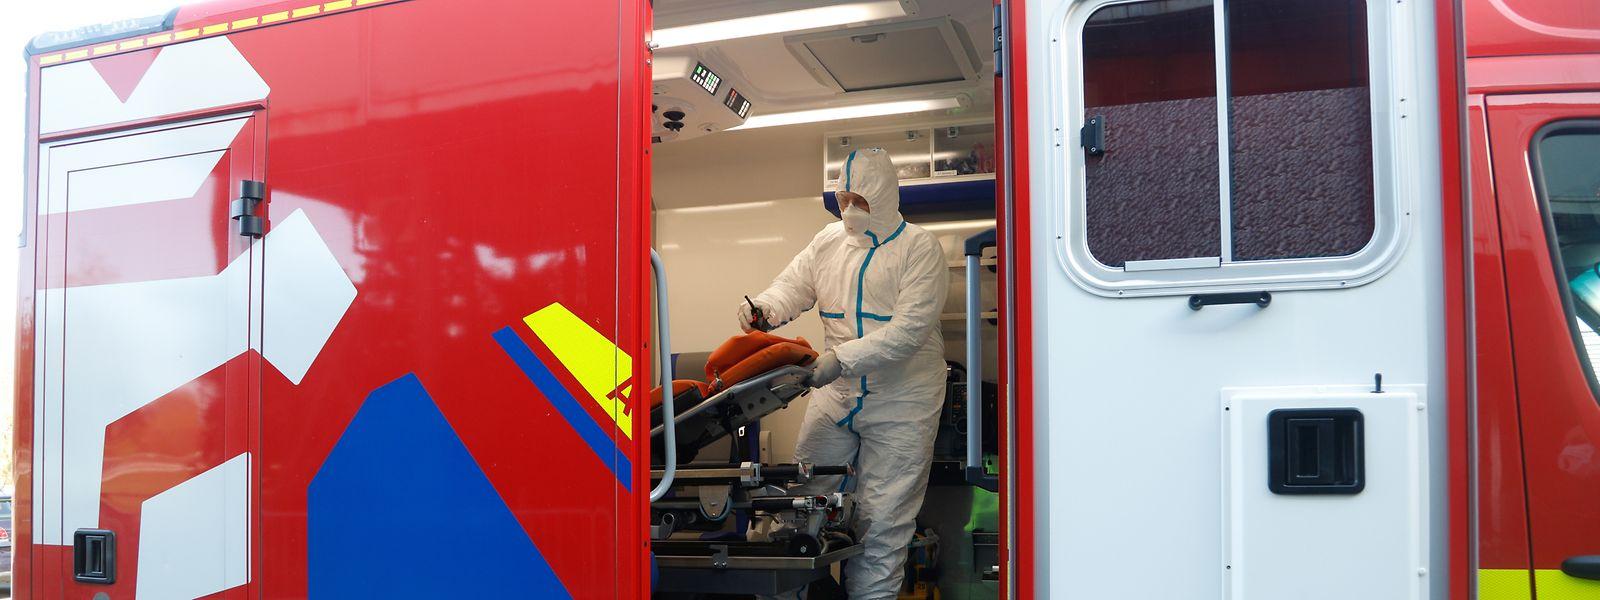 Die Rettungskräfte, die mit Covid-19-Patienten in Kontakt kommen, müssen eine volle Schutzausrüstung tragen.